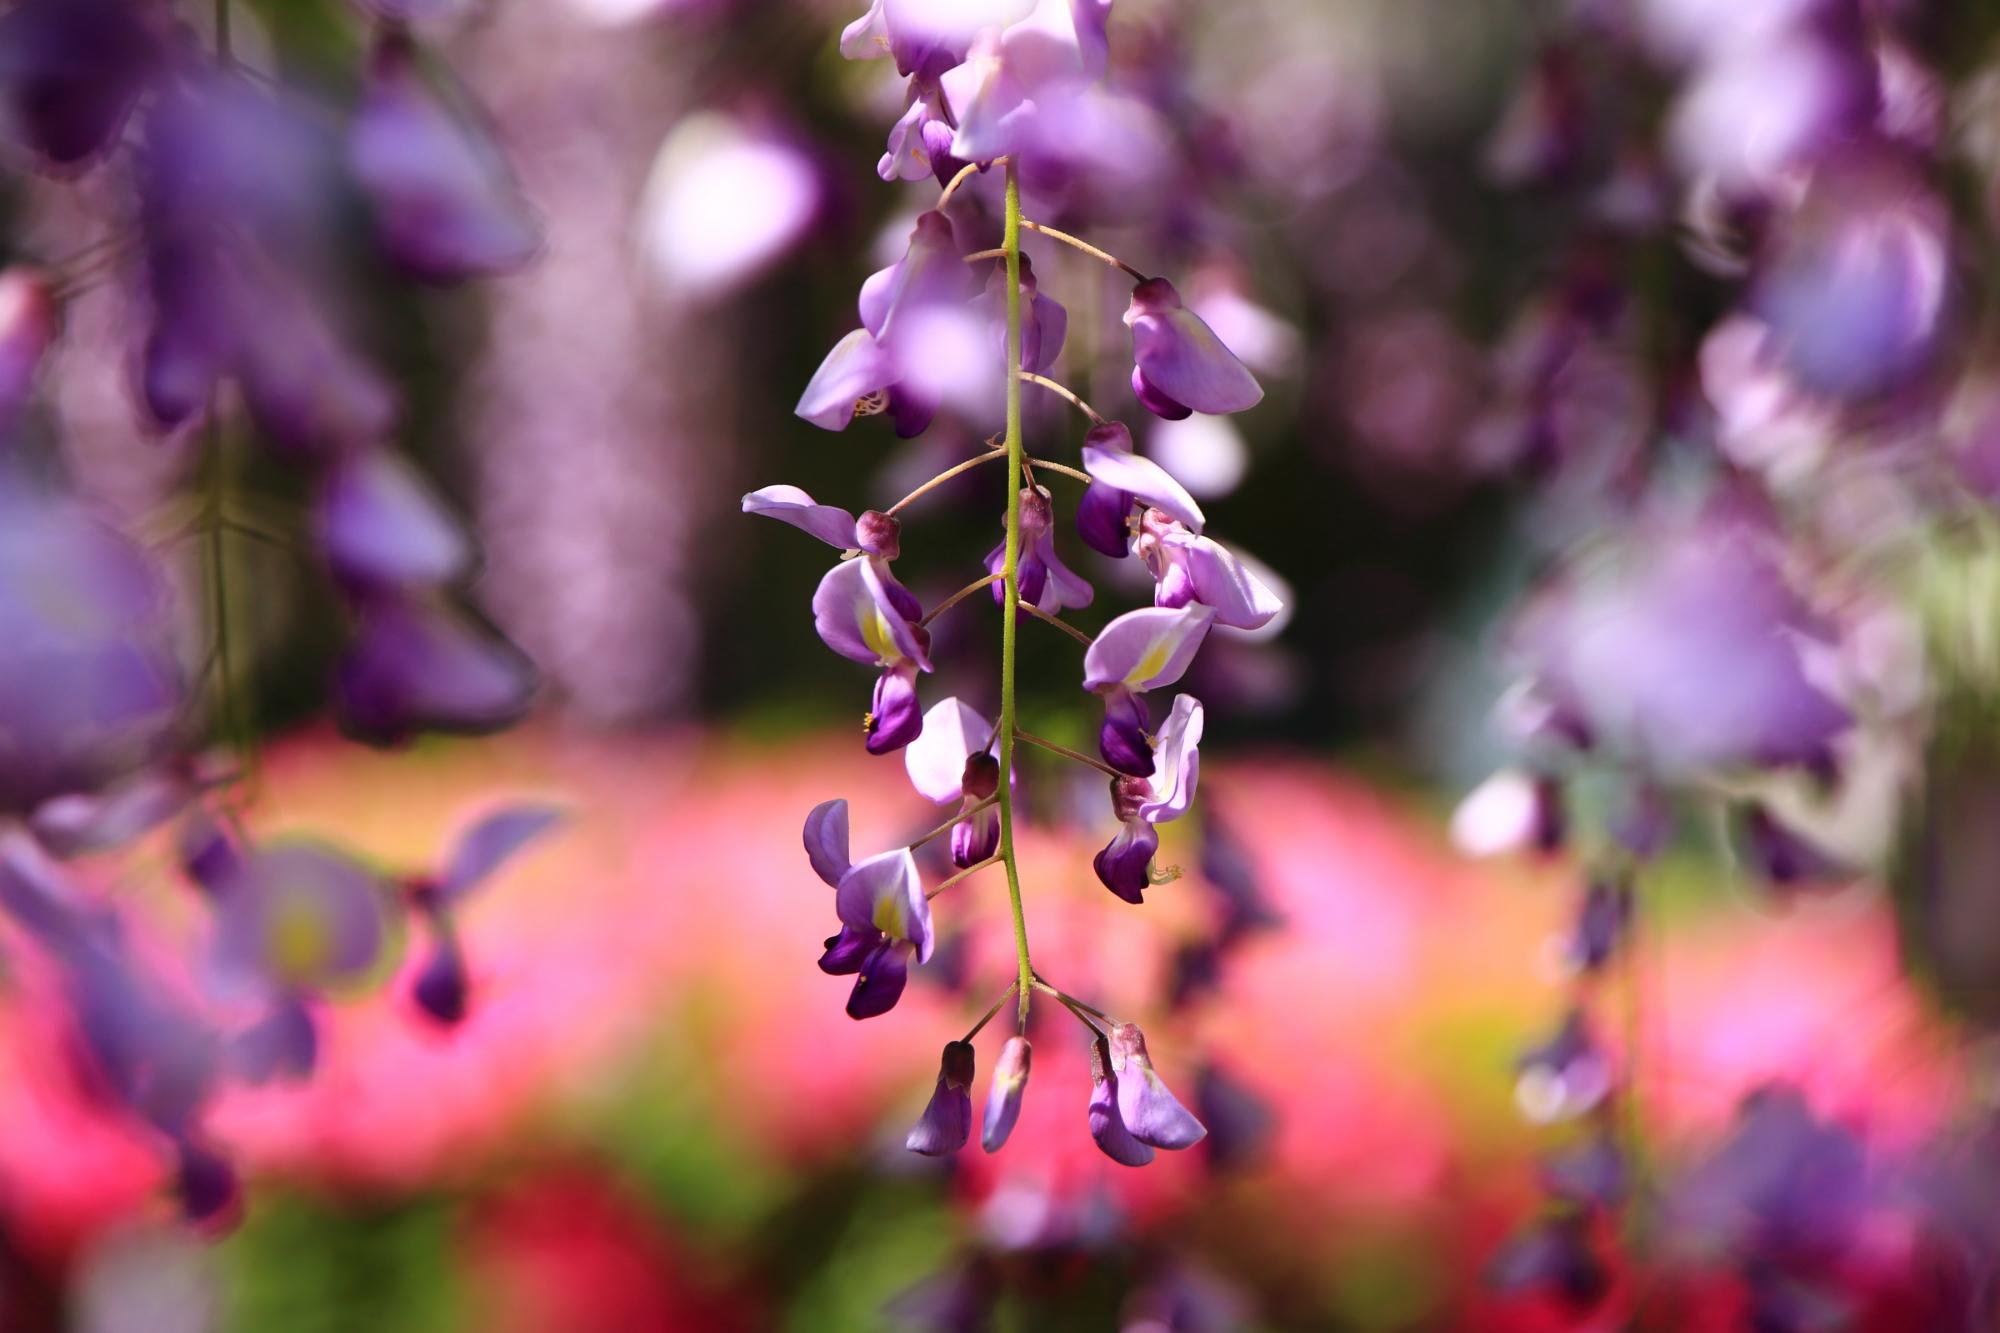 ピンクのツツジの花と紫の藤の花